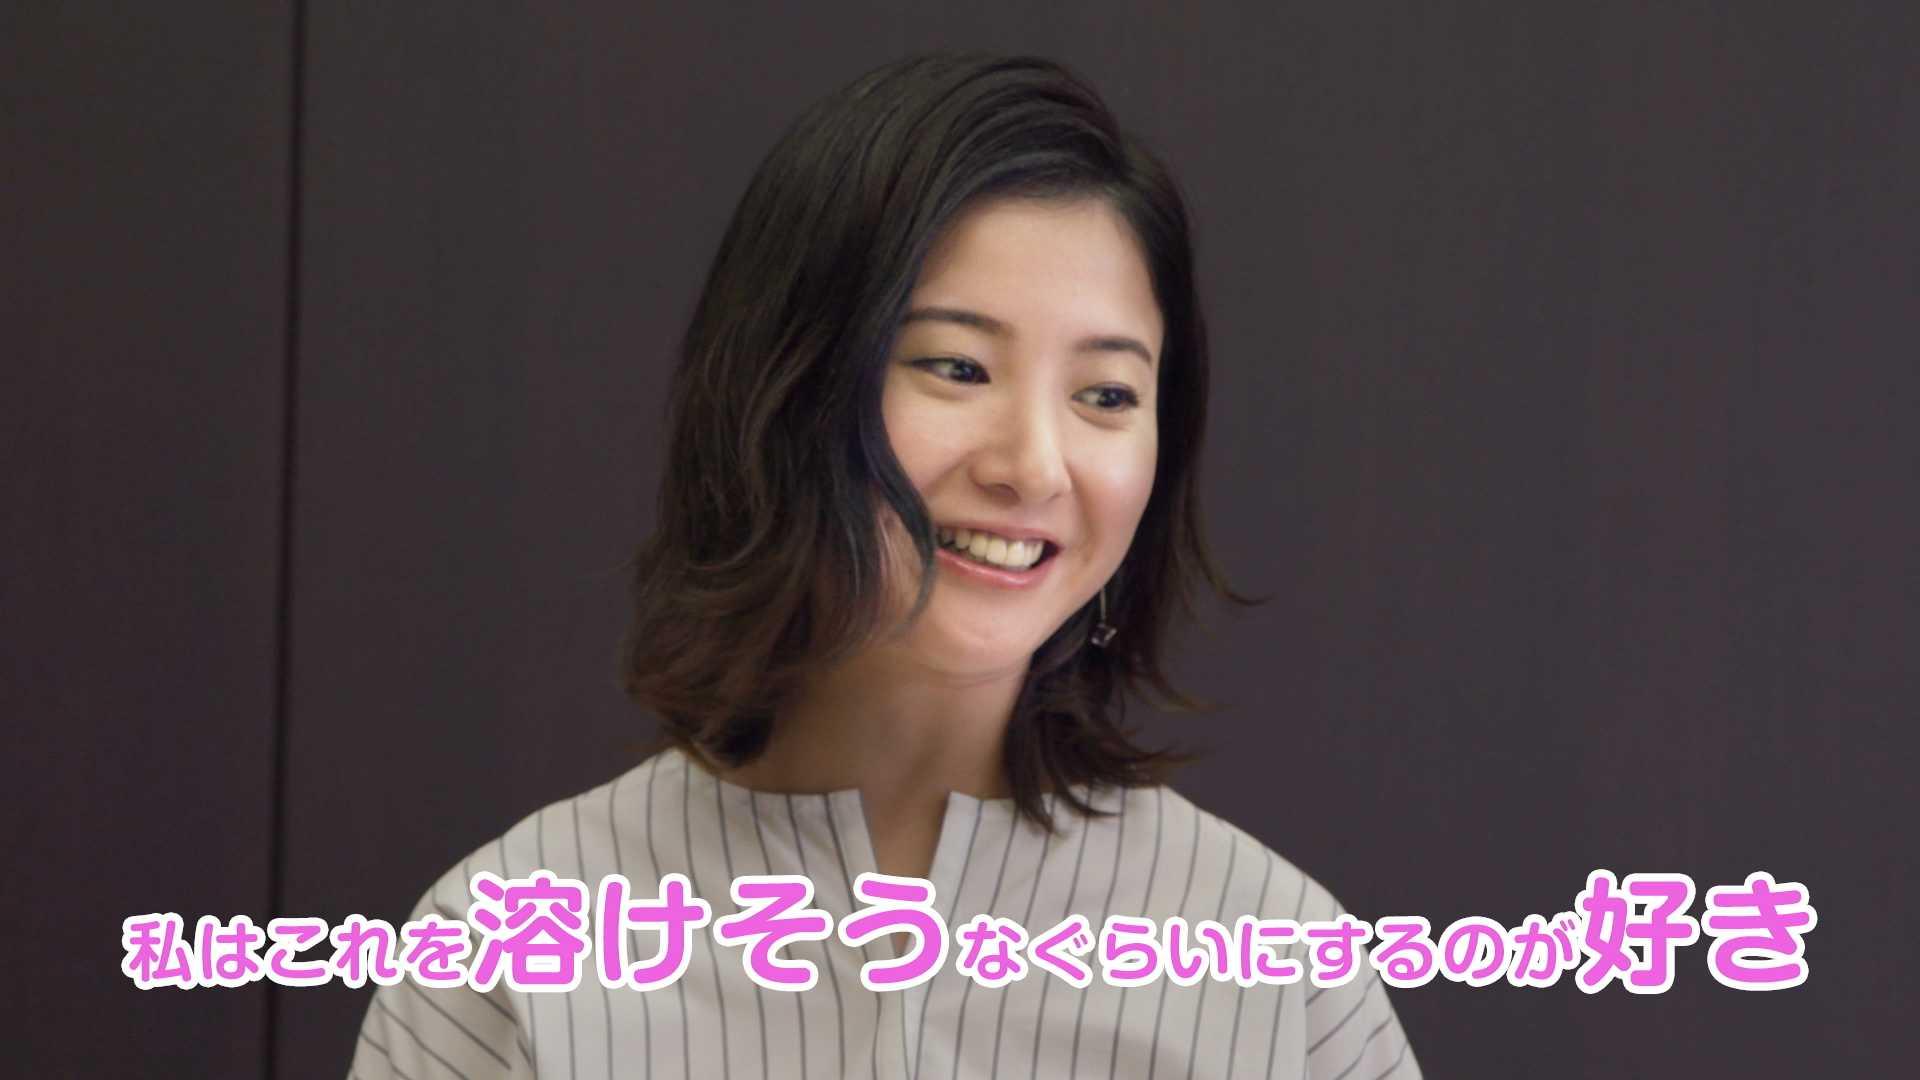 吉高由里子・グリコ「アイスの実」CM(女優)